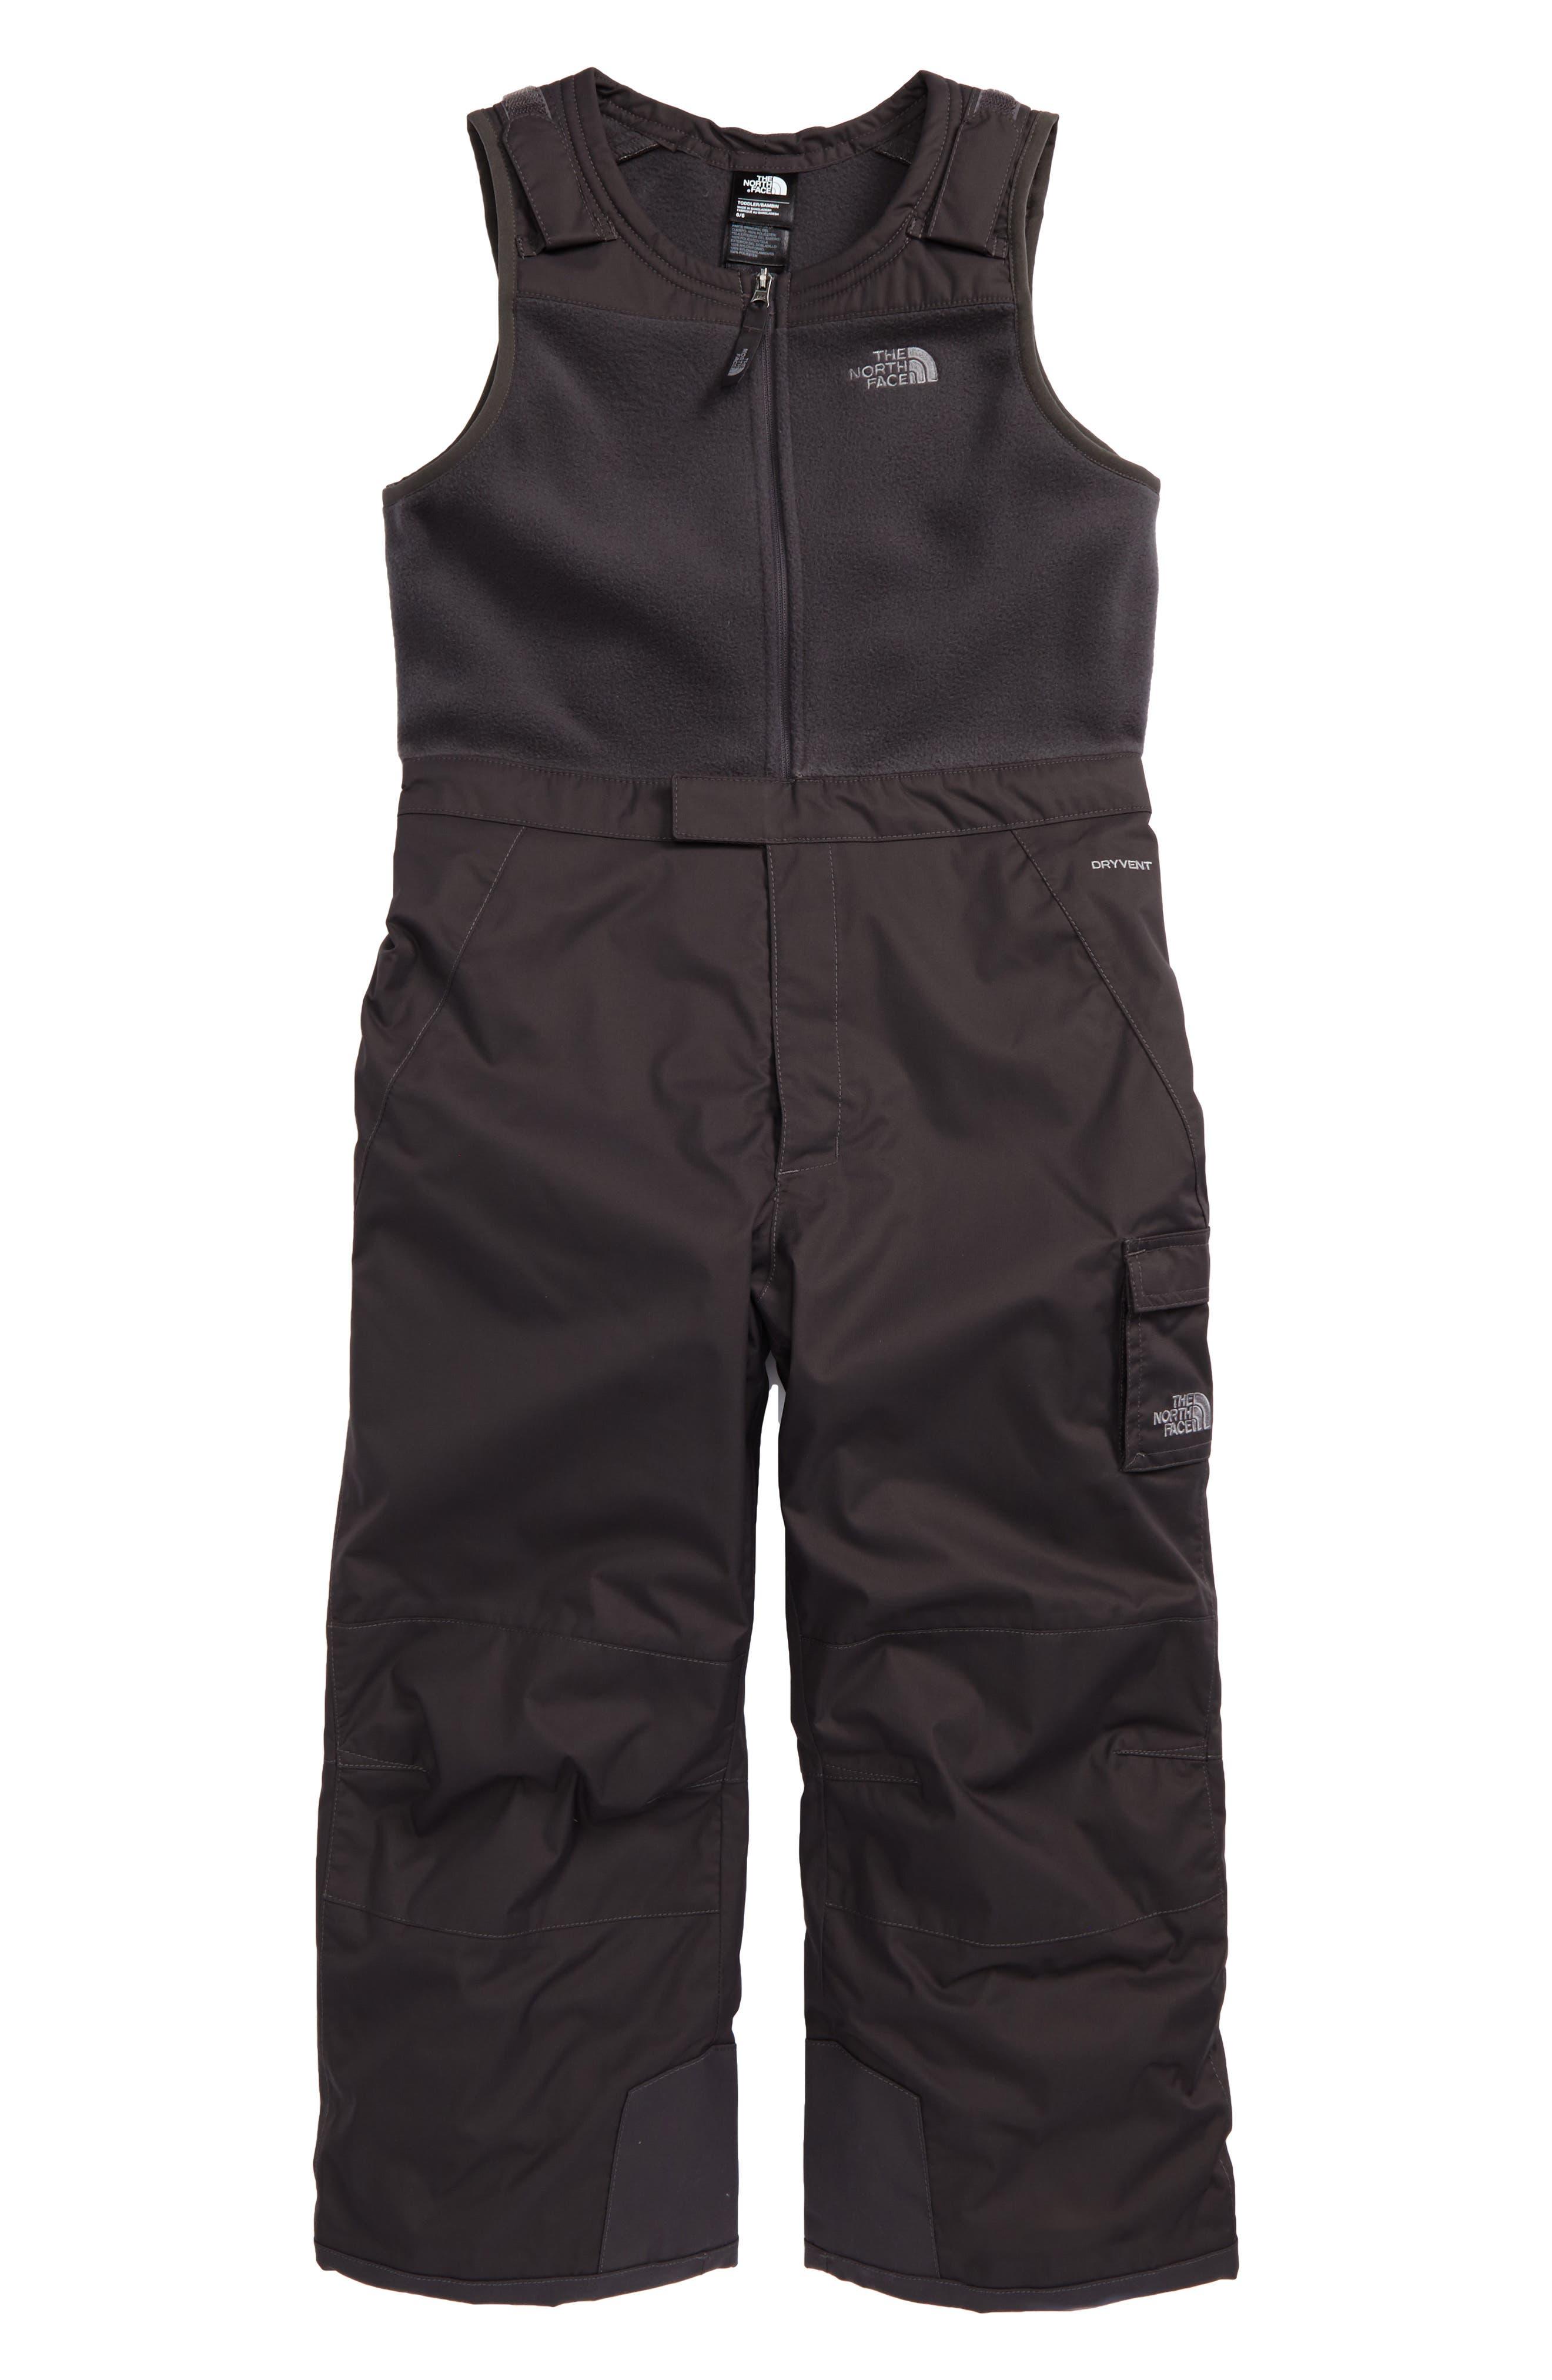 Heekseeker<sup>™</sup> Insulated Waterproof Bib Snowsuit,                         Main,                         color, 021